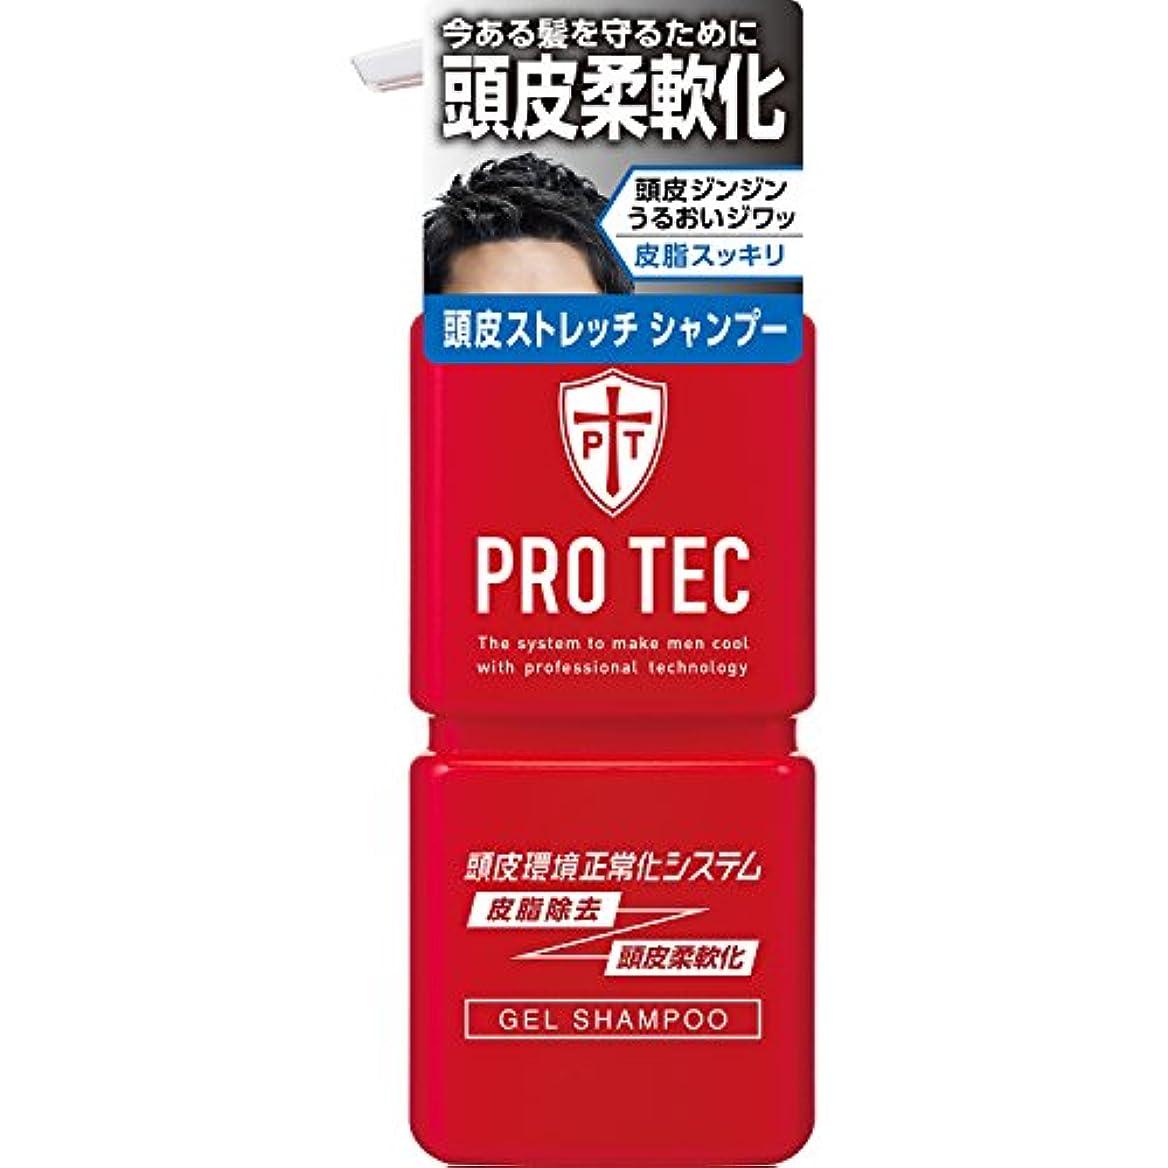 欠員最終メンテナンスPRO TEC(プロテク) 頭皮ストレッチ シャンプー 本体ポンプ 300g(医薬部外品)